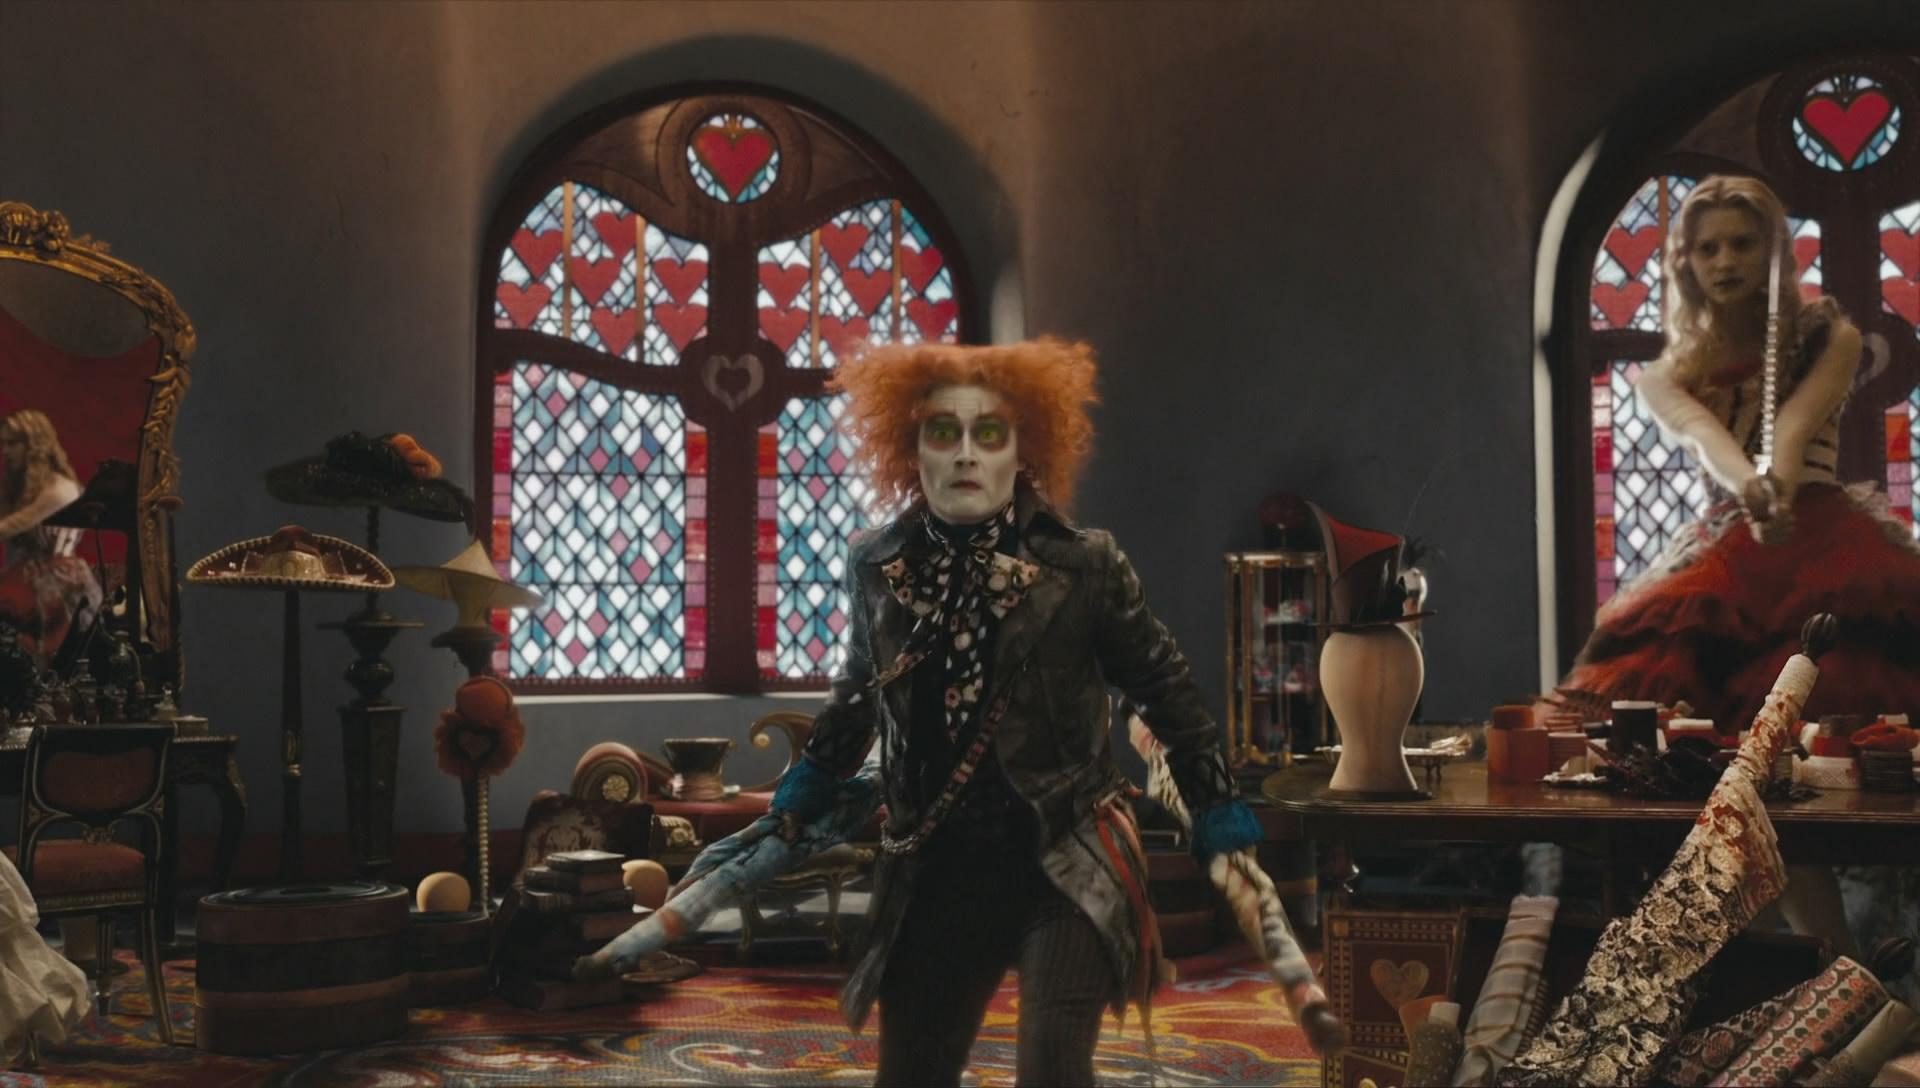 Фильм Алиса в Стране чудес (2010) смотреть онлайн в